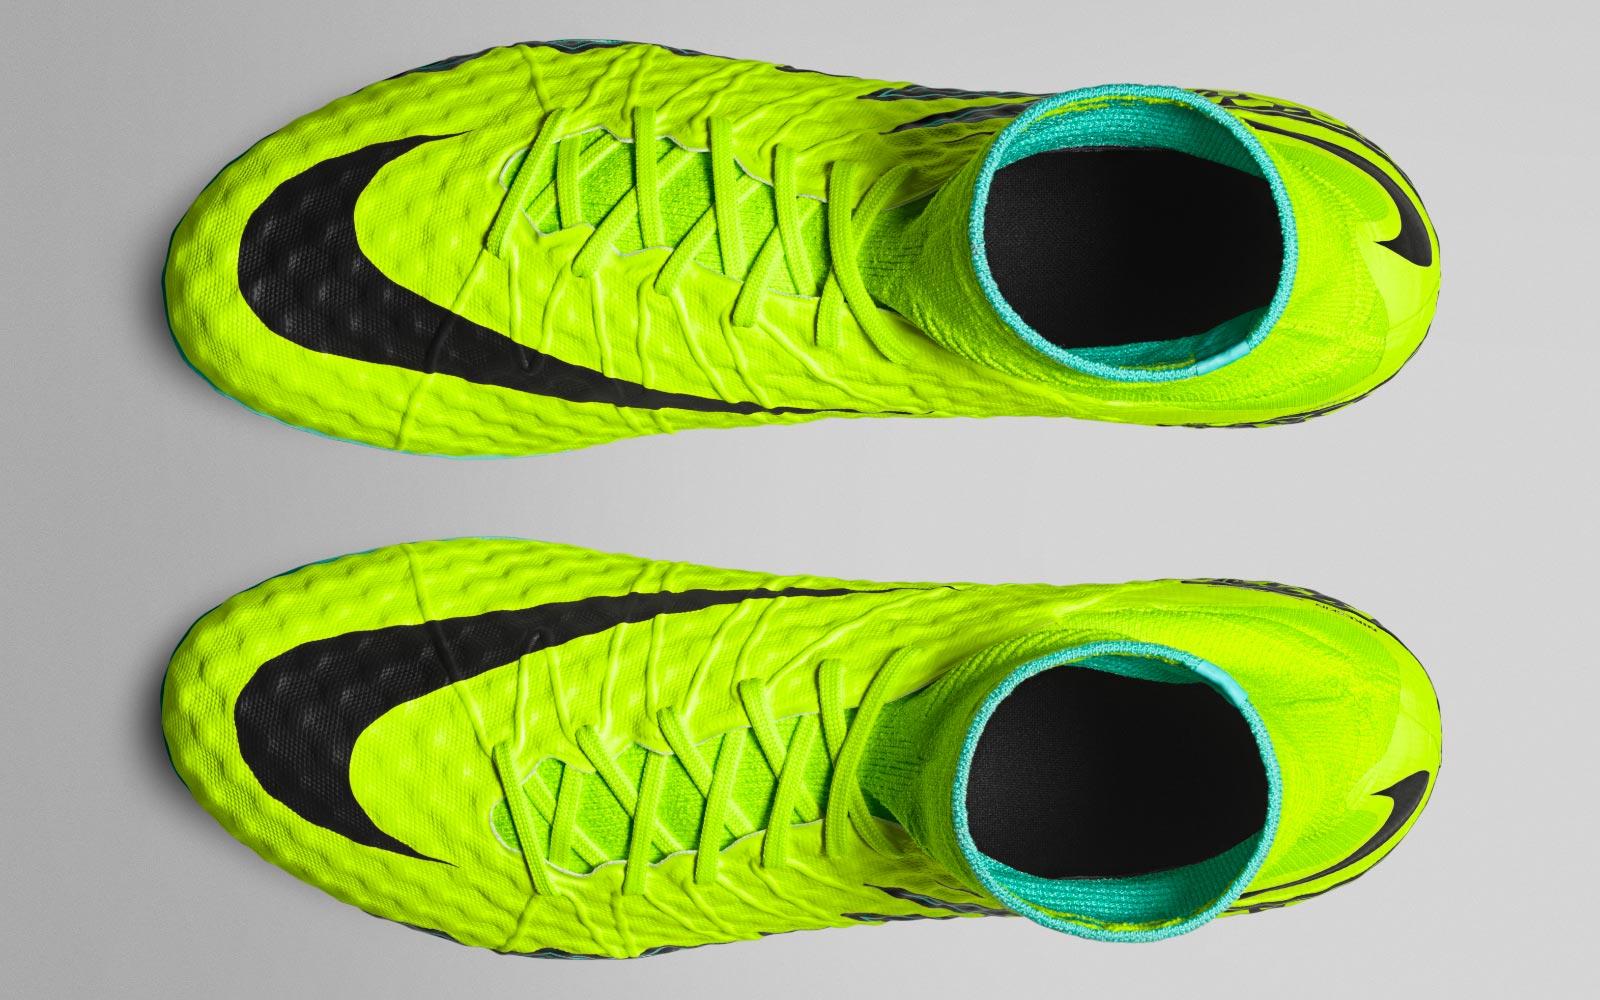 Nike Hypervenom Phantom 2 Gelb